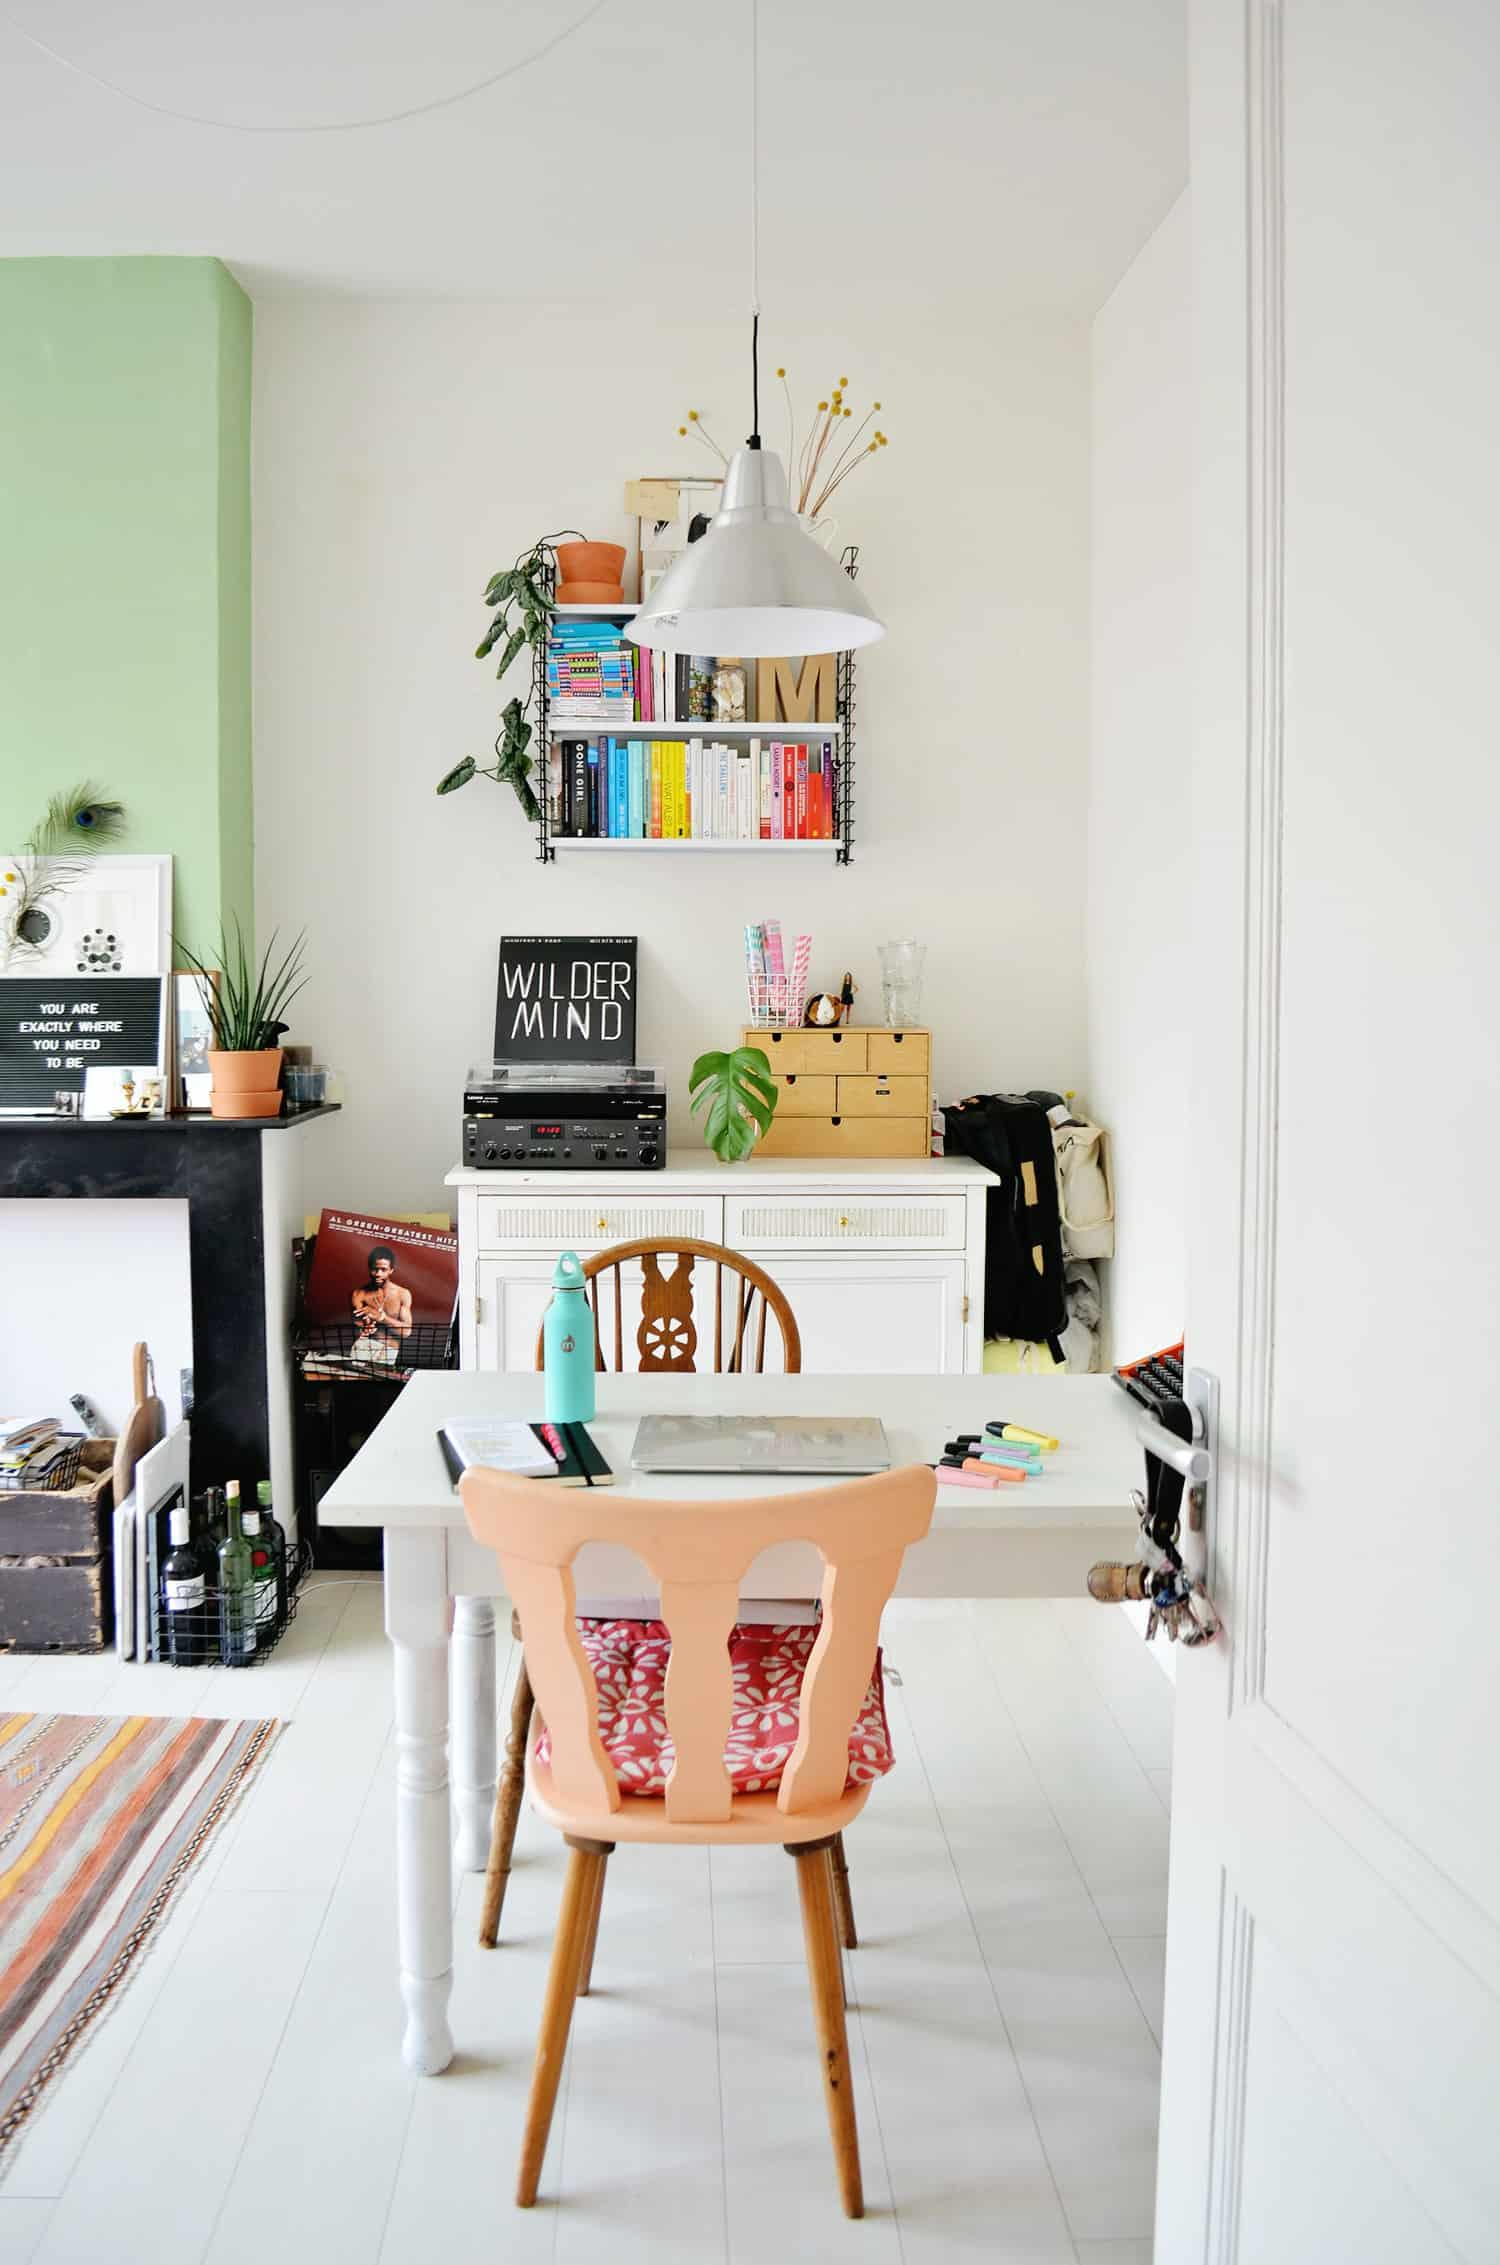 Binnenkijken in mijn woning + interieur inspiratie in mijn stijl